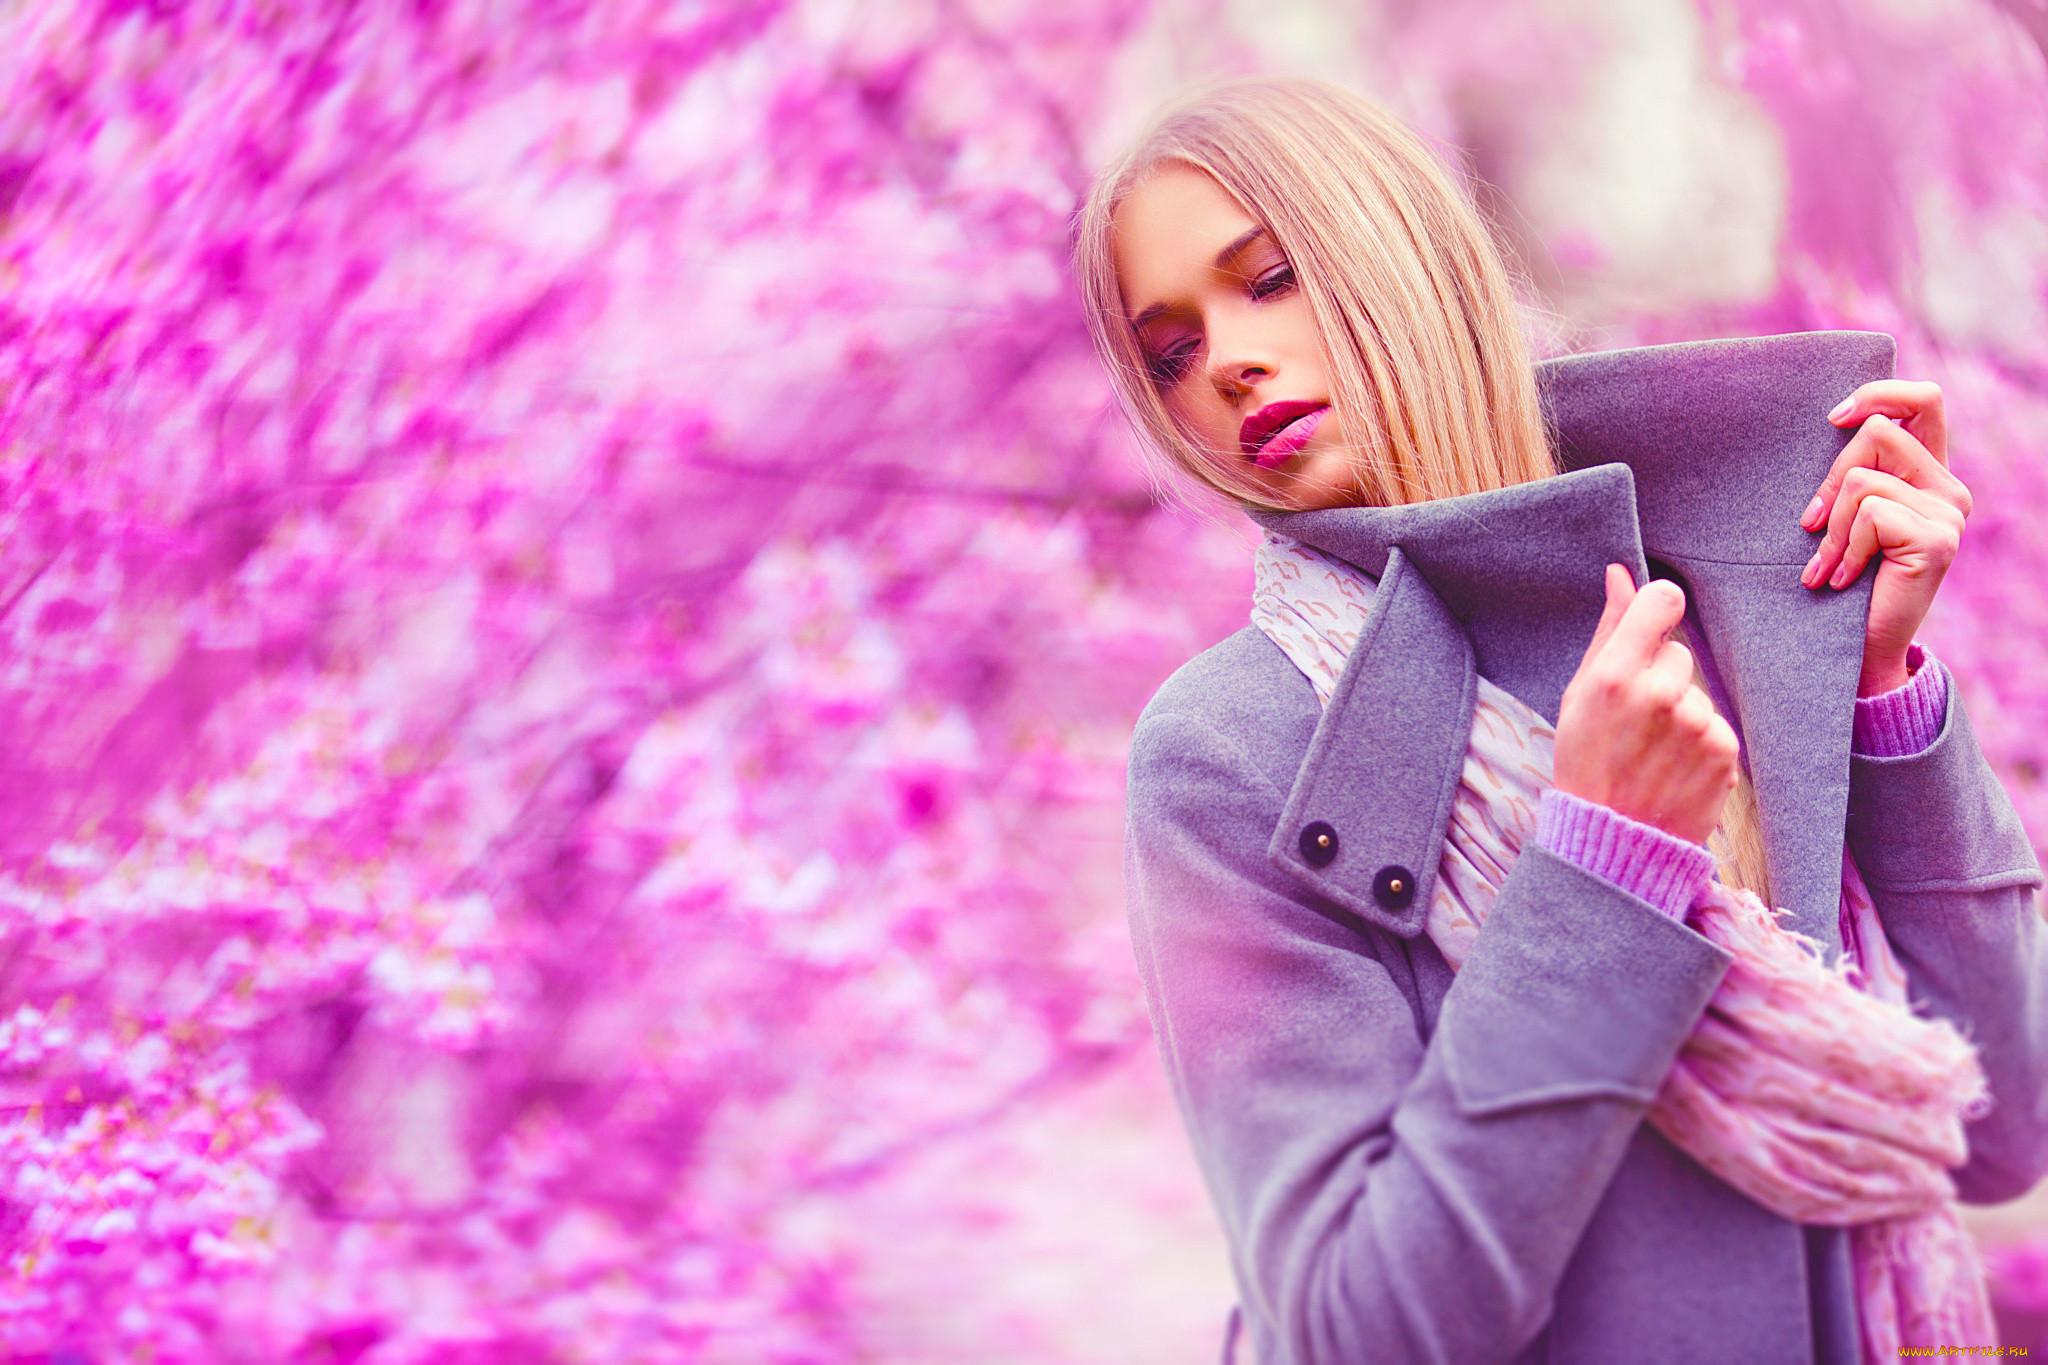 Картинка девушка блондинка в розовом